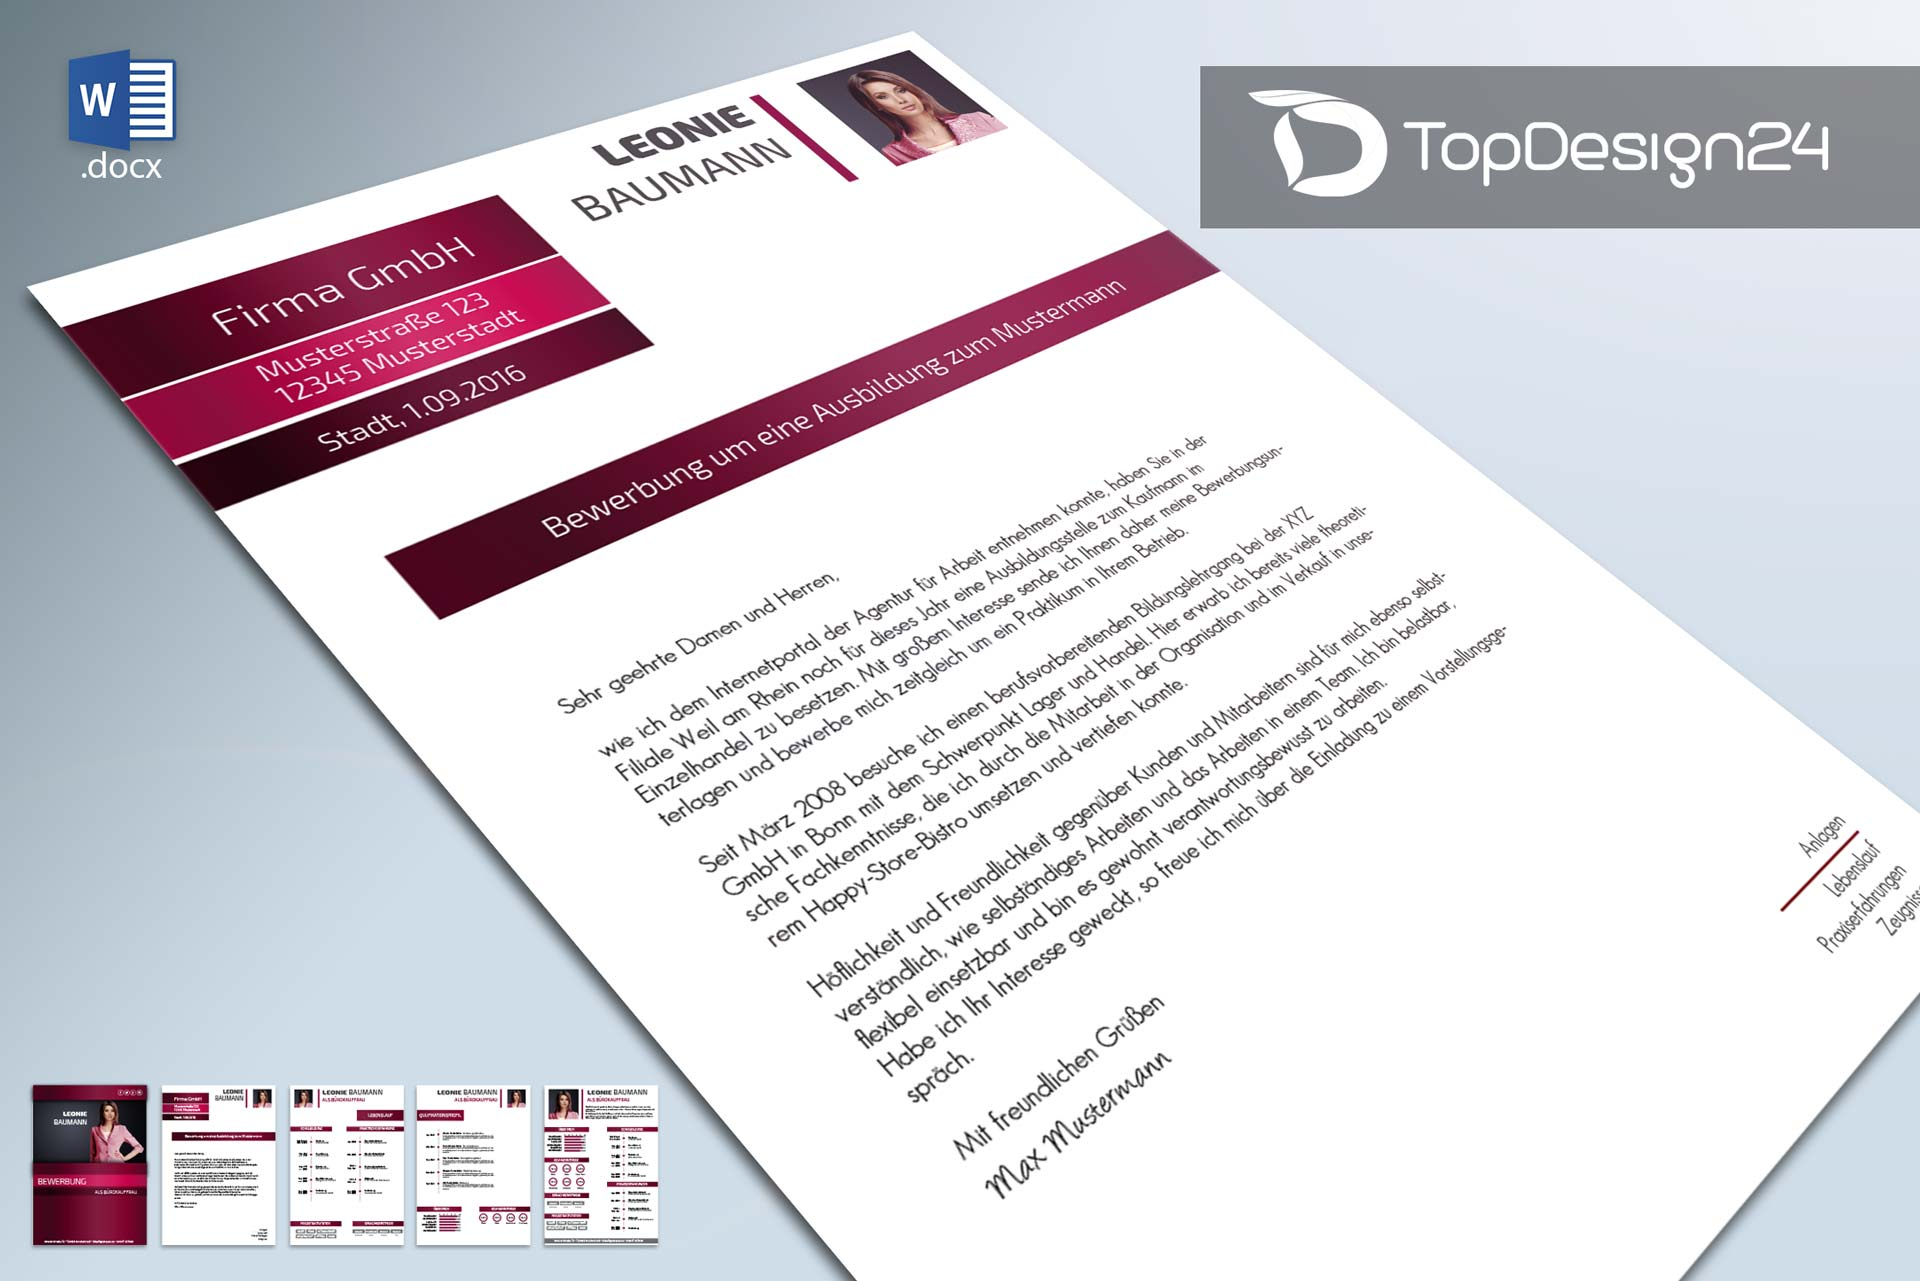 Bewerbungsvorlage-Anschreiben-topdesign24 – TopDesign24